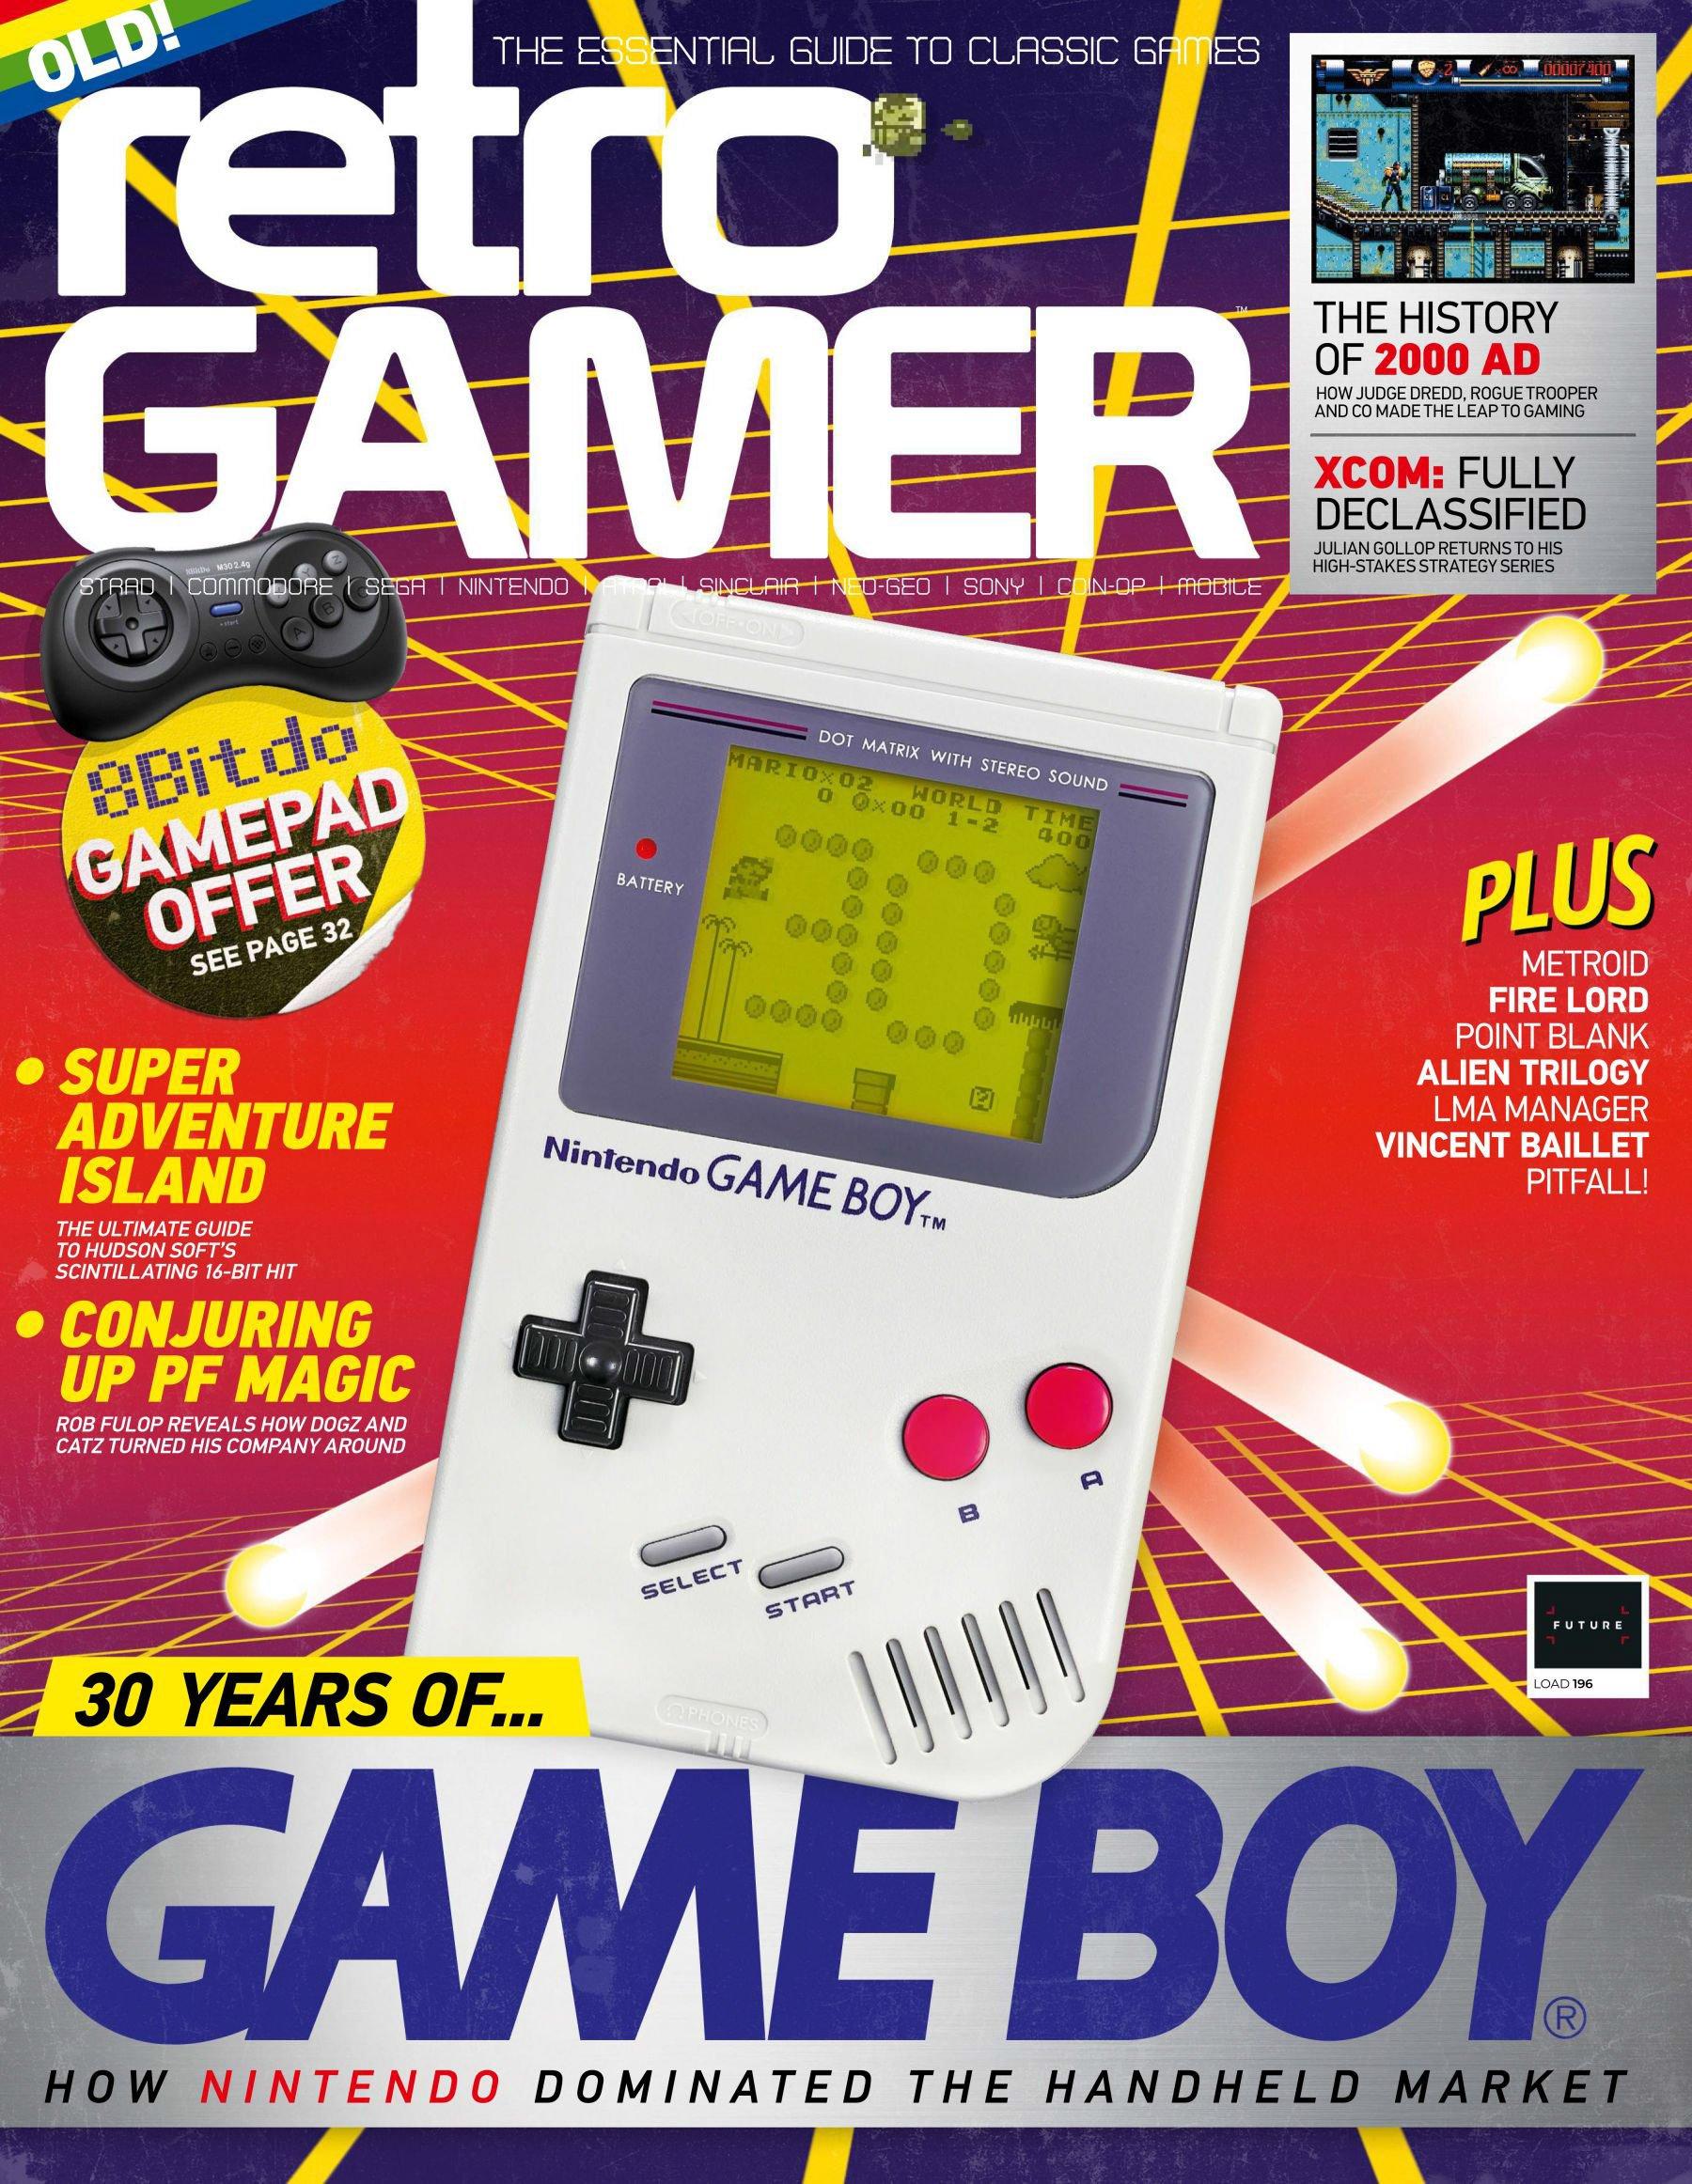 Retro Gamer Issue 196 (September 2019)